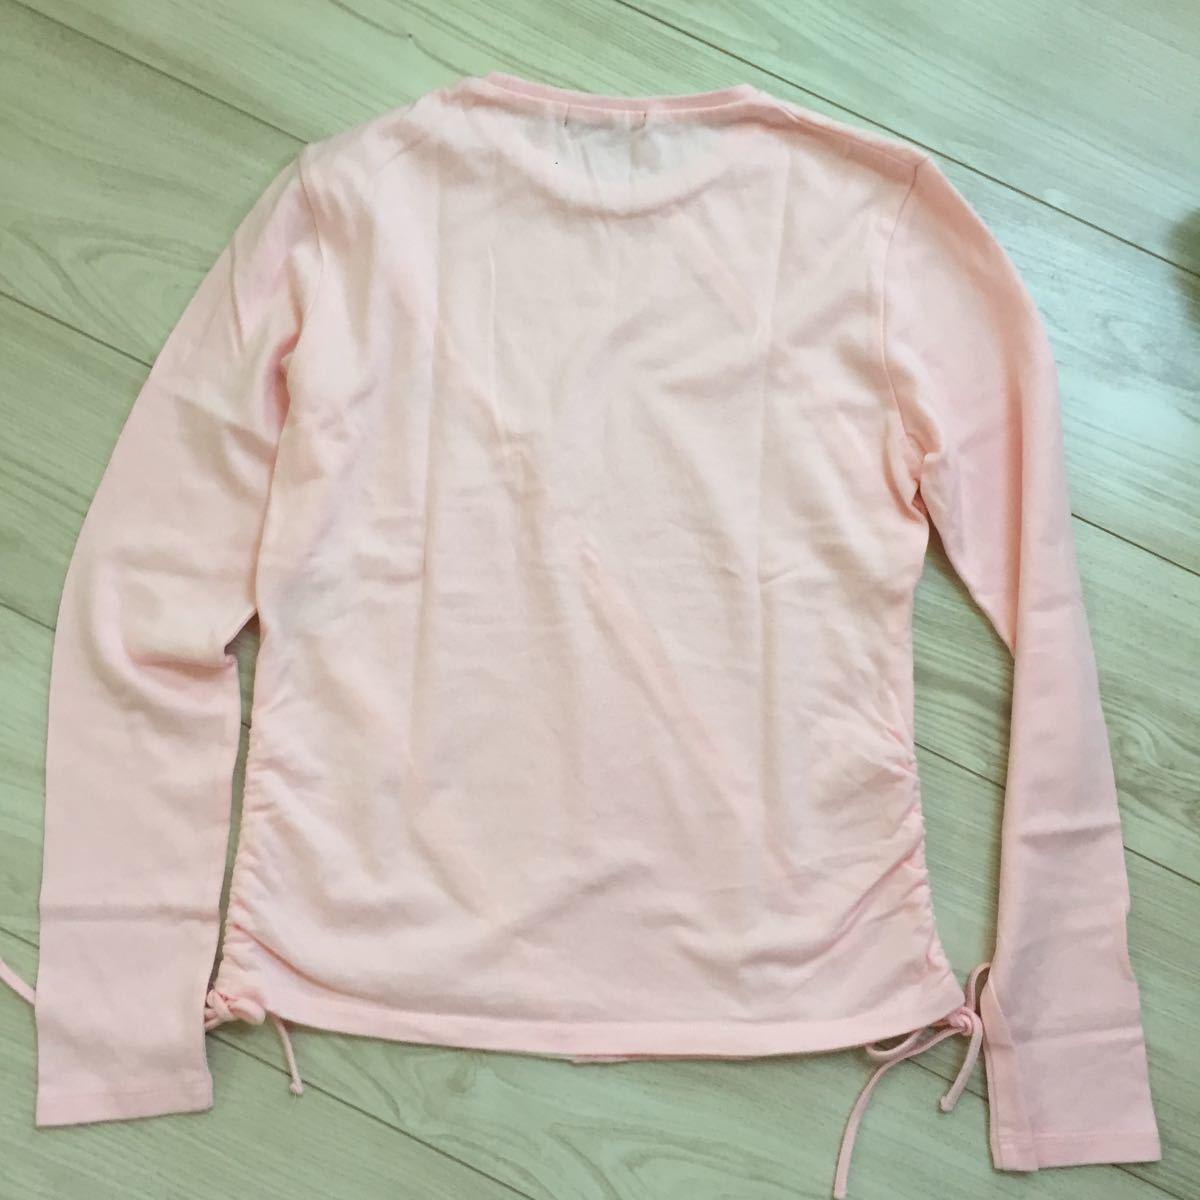 未使用 未着 BURBERRY LONDON バーバリー 綿100 ホース刺繍付き 可愛い長袖Tシャツ サイズ160A オフ白×ピンク 日本製 三陽商会_画像6